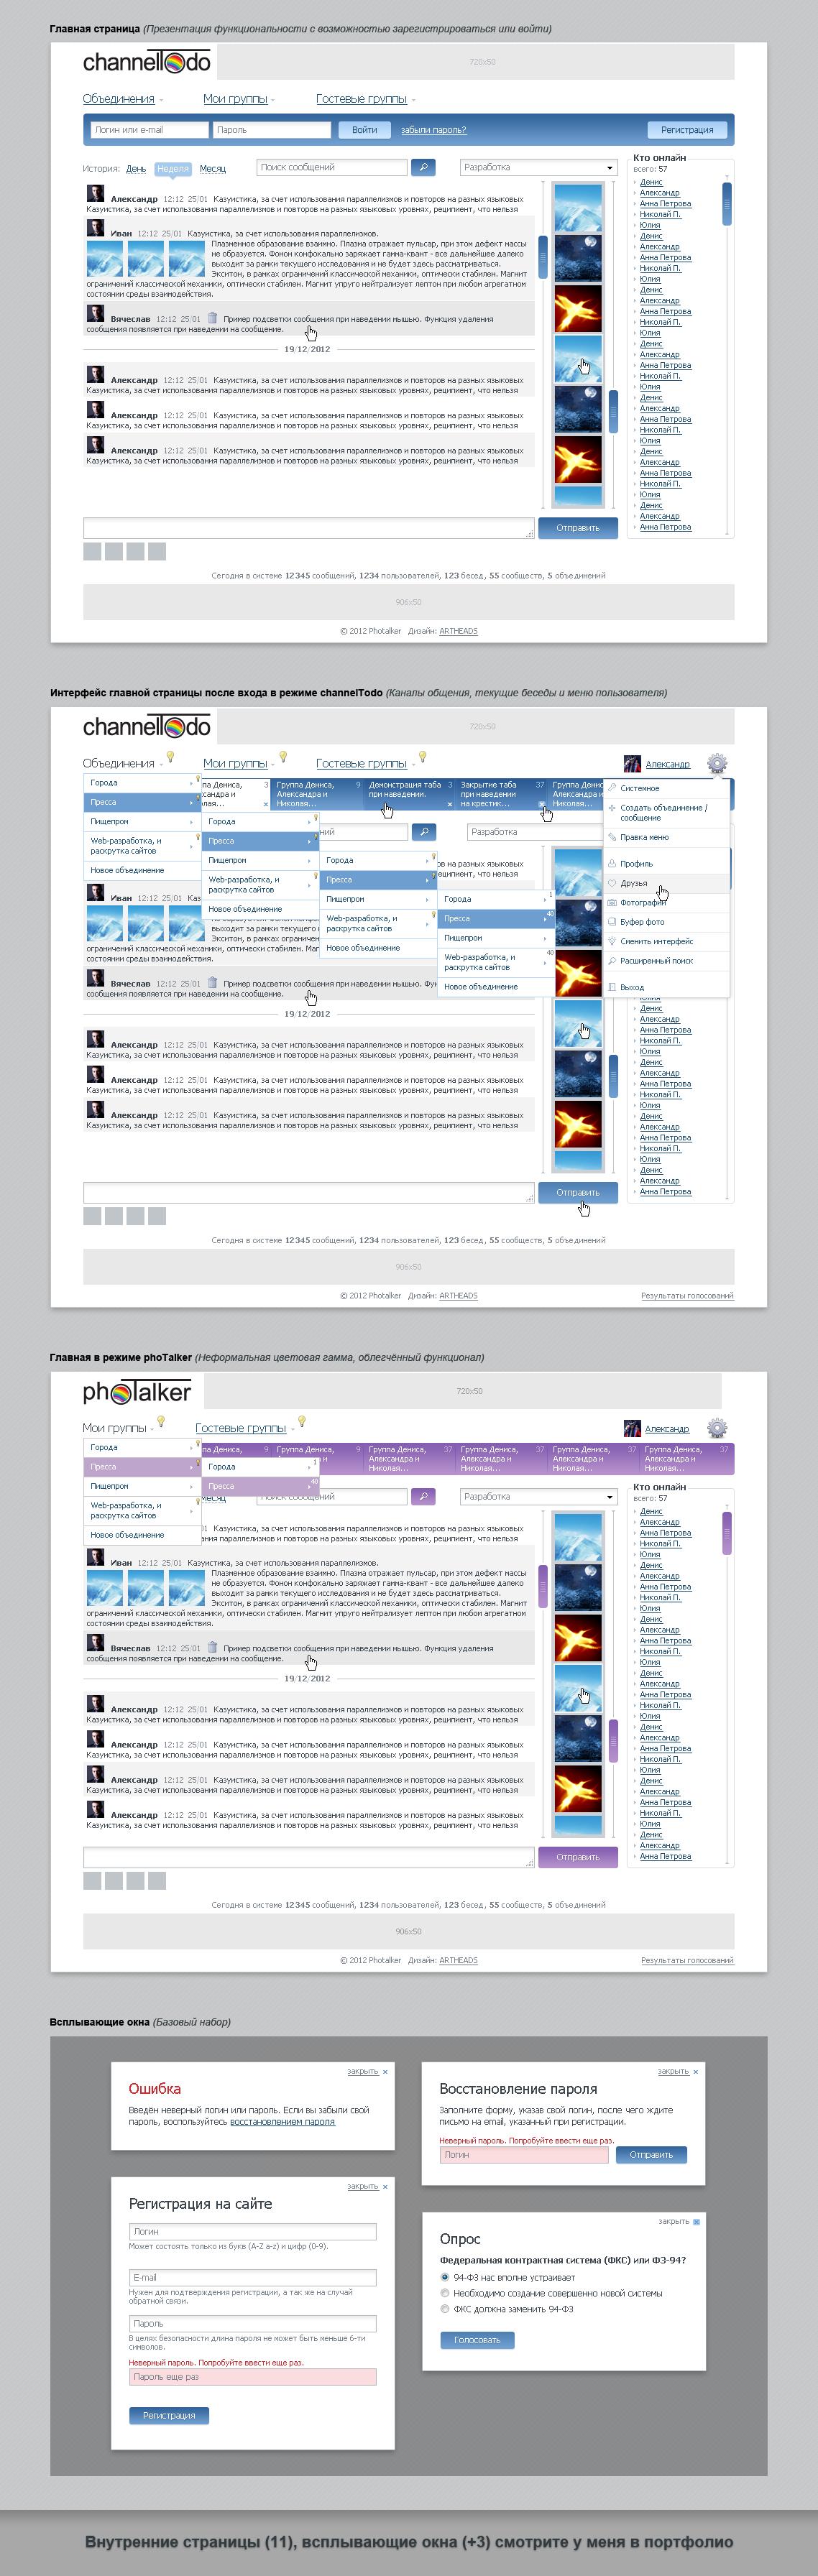 channelTodo: Интерактивная сеть. Главные страницы (3) и всплывающие окна (4)